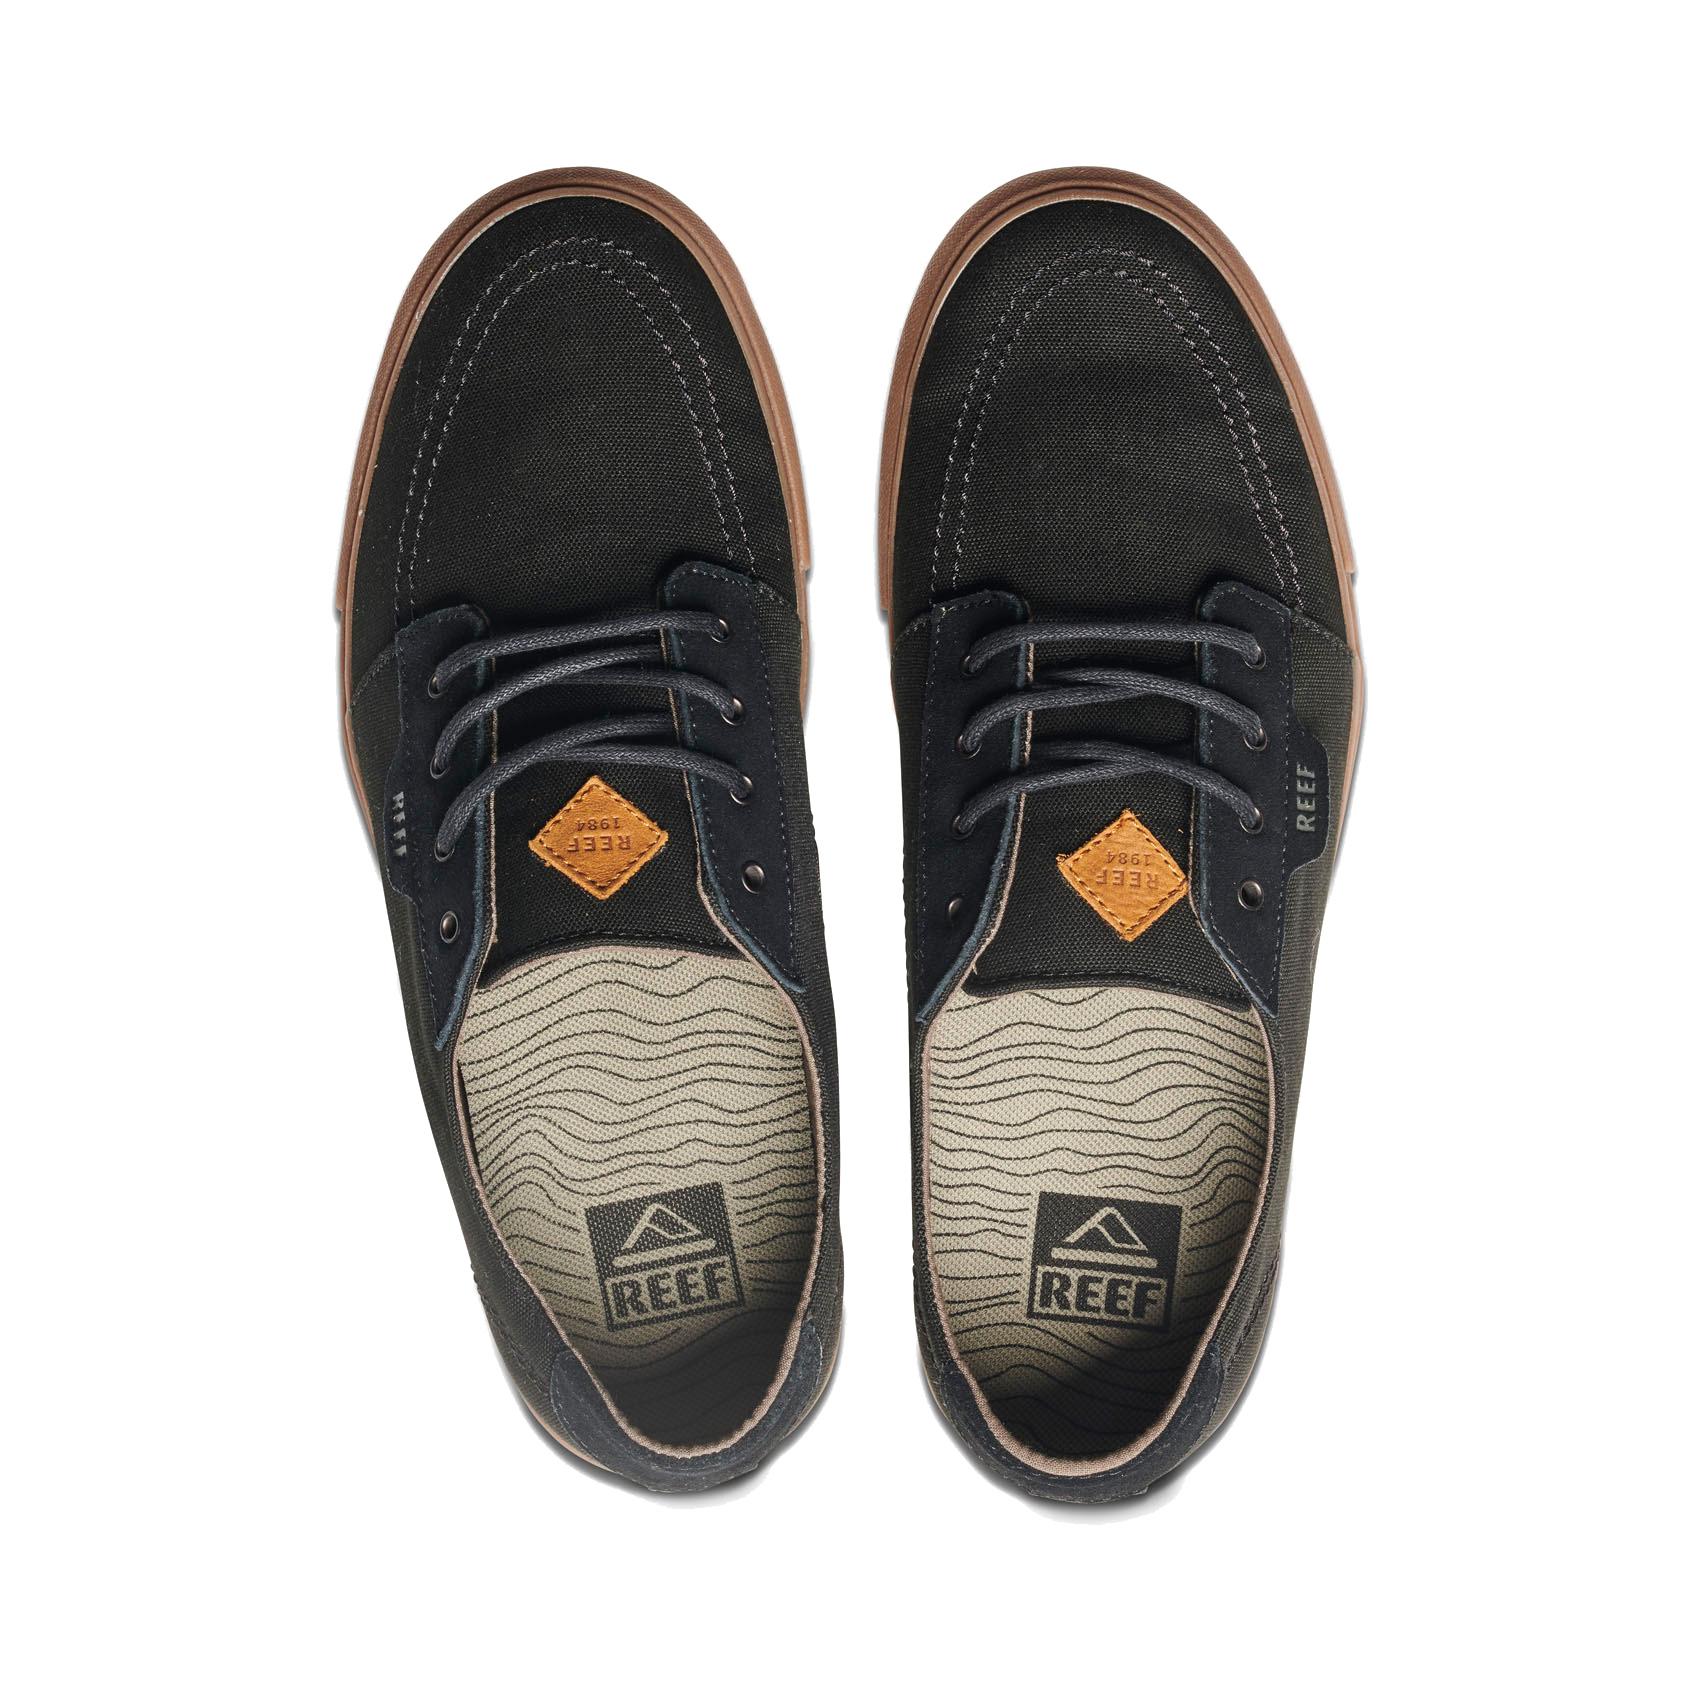 d121a43a9d395 Reef Surf Style Shoes - Banyan 2 - Black Gum, Premium Canvas Upper ...